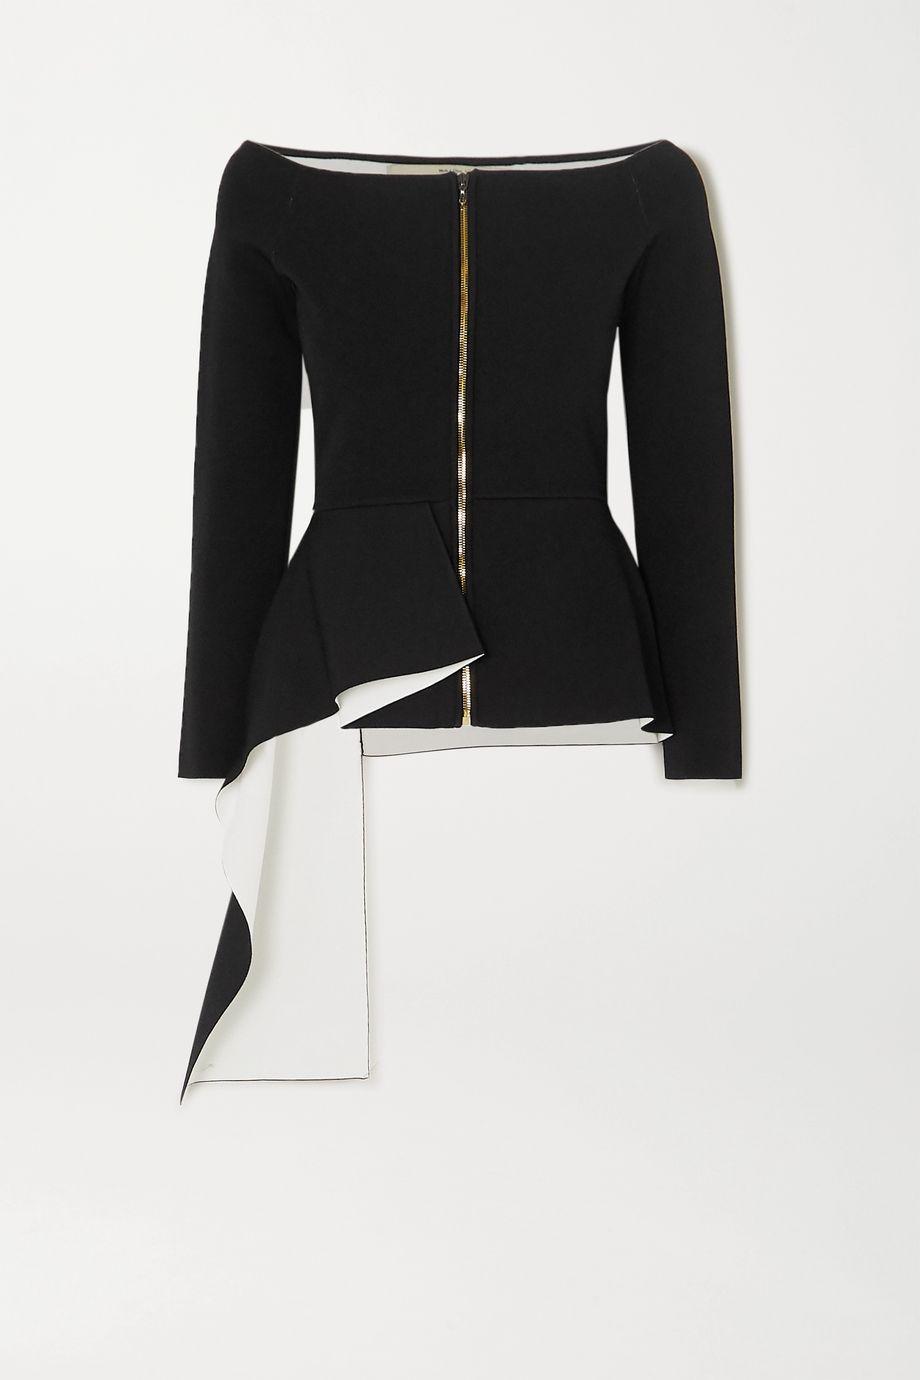 Roland Mouret Affric off-the-shoulder asymmetric stretch-knit jacket